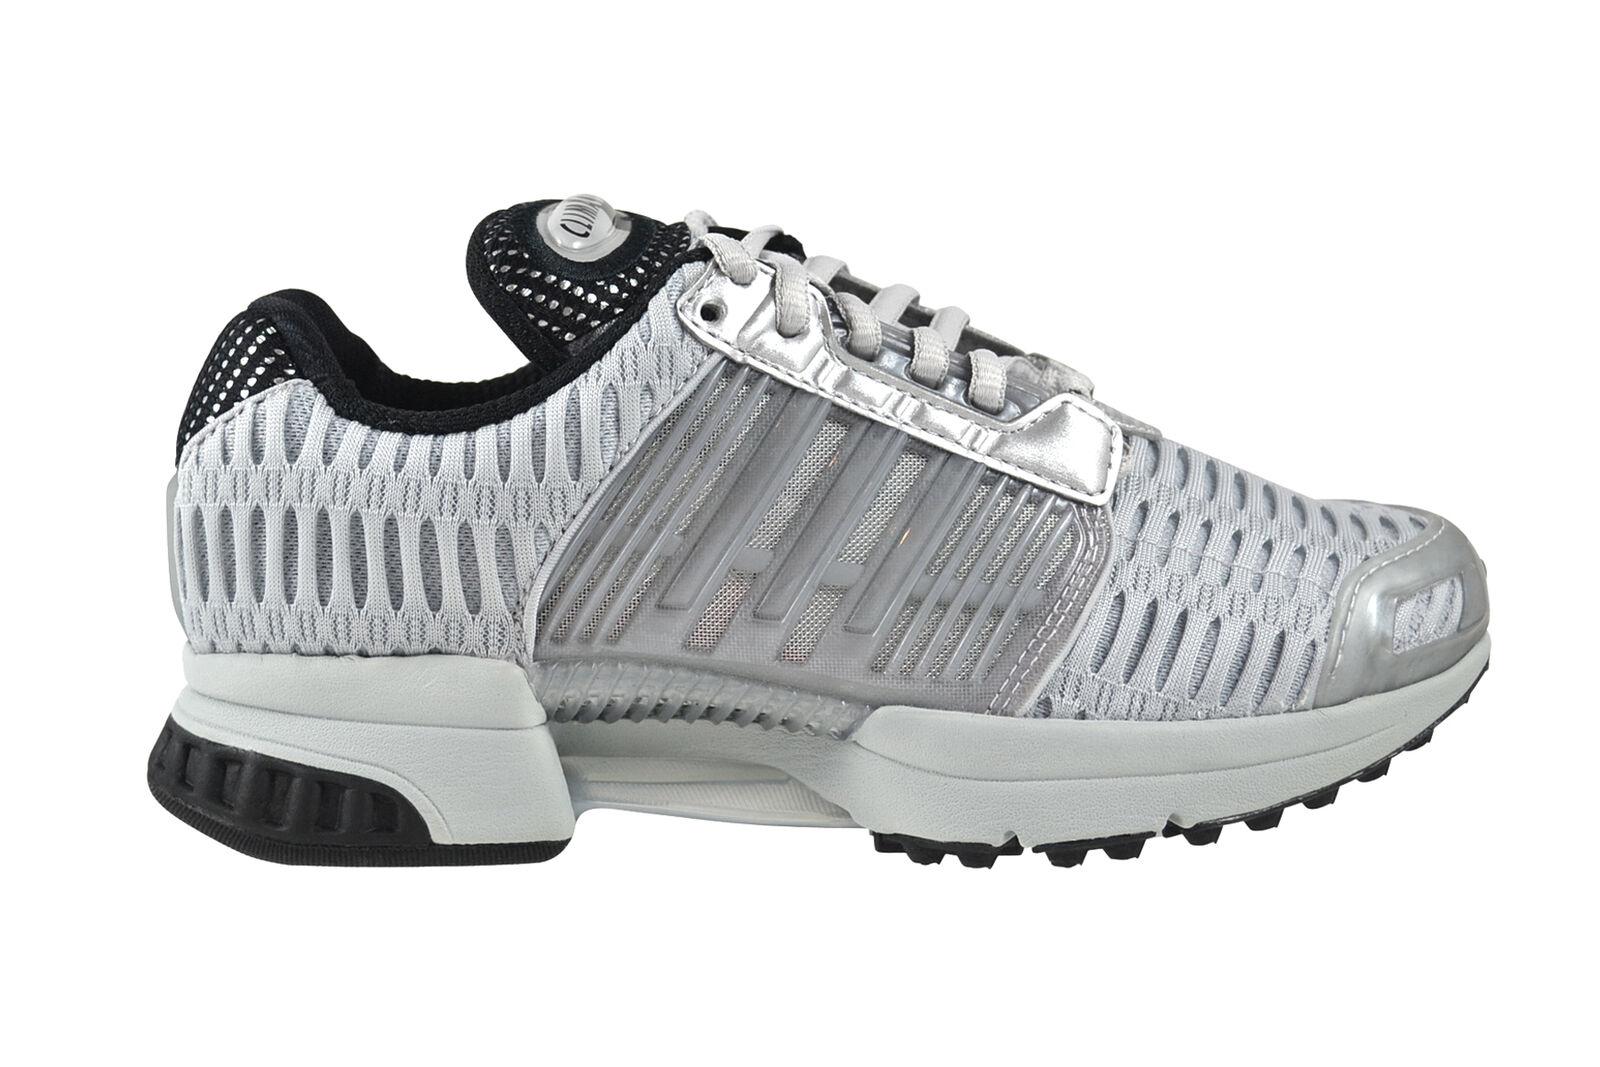 Adidas Clima Cool 1 zapatos Silver metallic clear Onix zapatos 1 precious metal ba8570 00ba4e